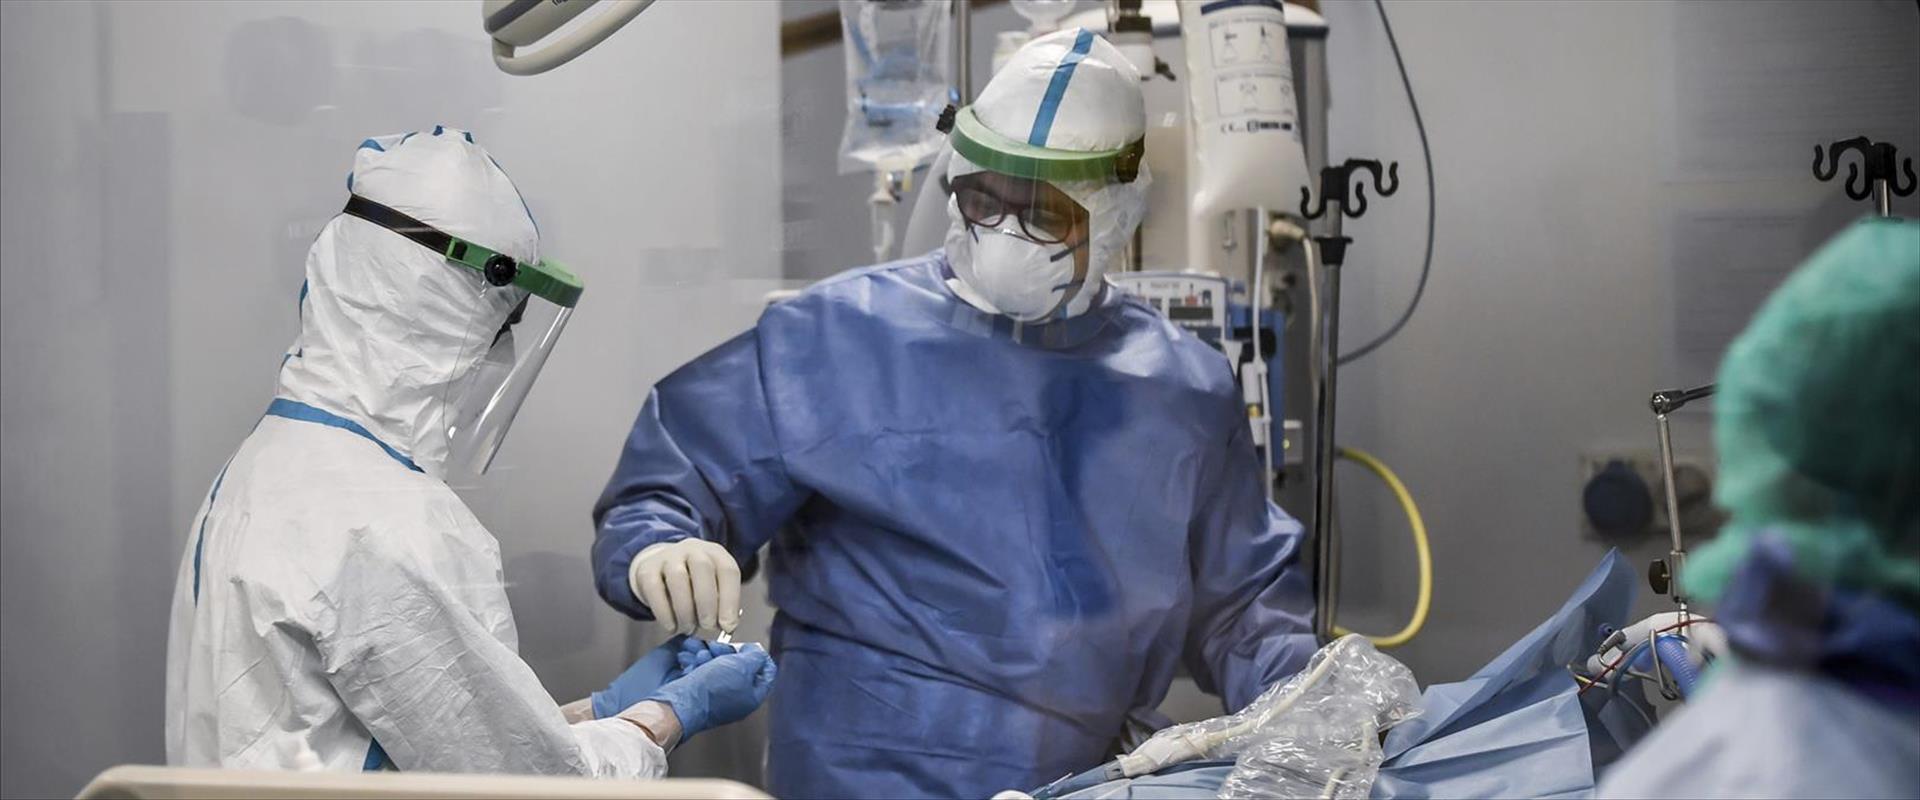 בית חולים באיטליה בעת התפרצות הקורונה